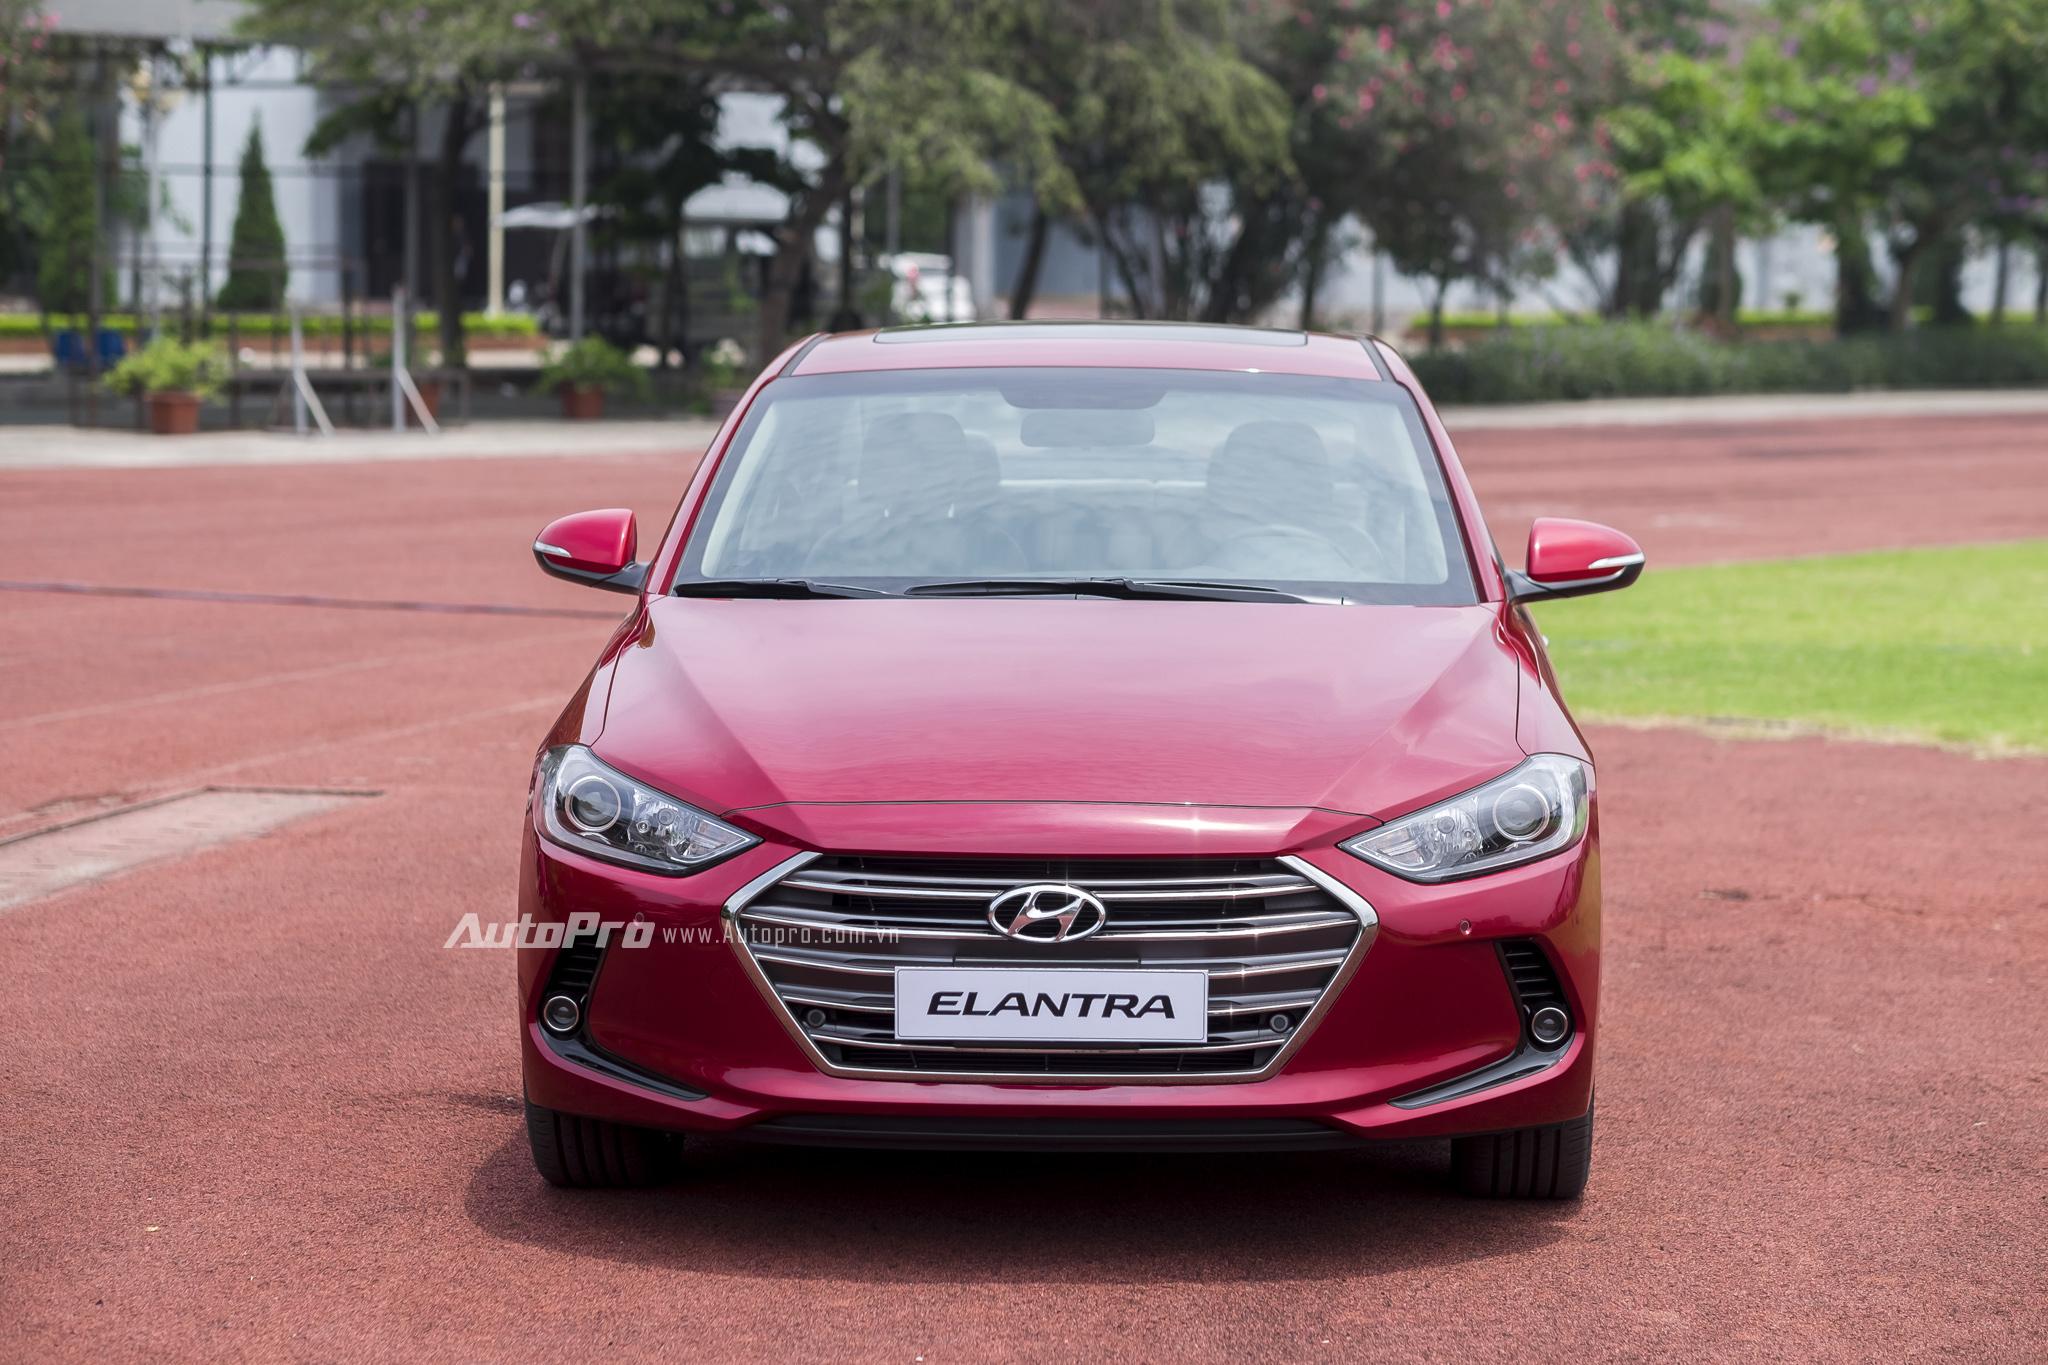 """Hyundai Elantra 2016 sở hữu ngoại hình đẹp mắt với ngôn ngữ thiết kế """"Điêu khắc dòng chảy 2.0"""" cùng lưới tản nhiệt lục giác mạ crôm có hơi hướng giống những chiếc xe hạng sang của Audi."""